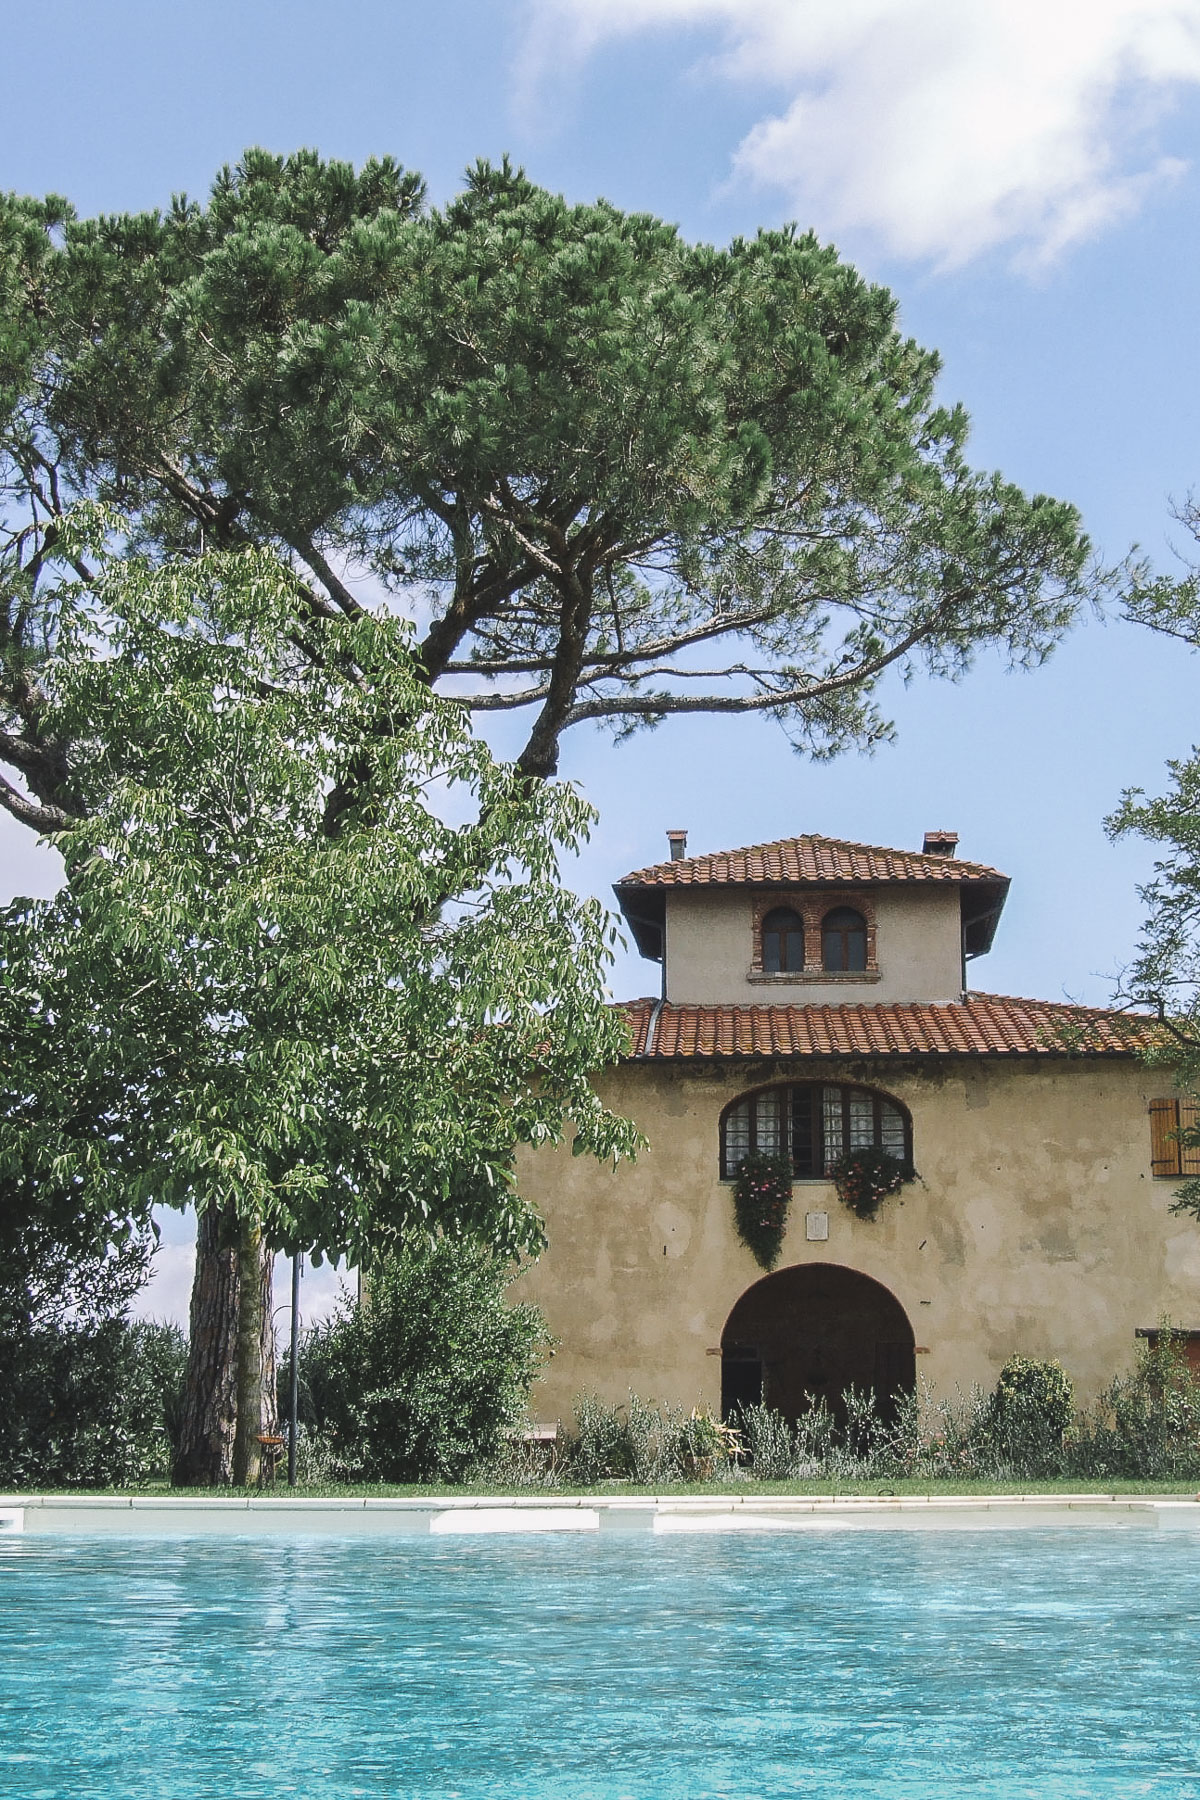 Agroturismo Il Gorgo: Nuestro alojamiento en Toscana